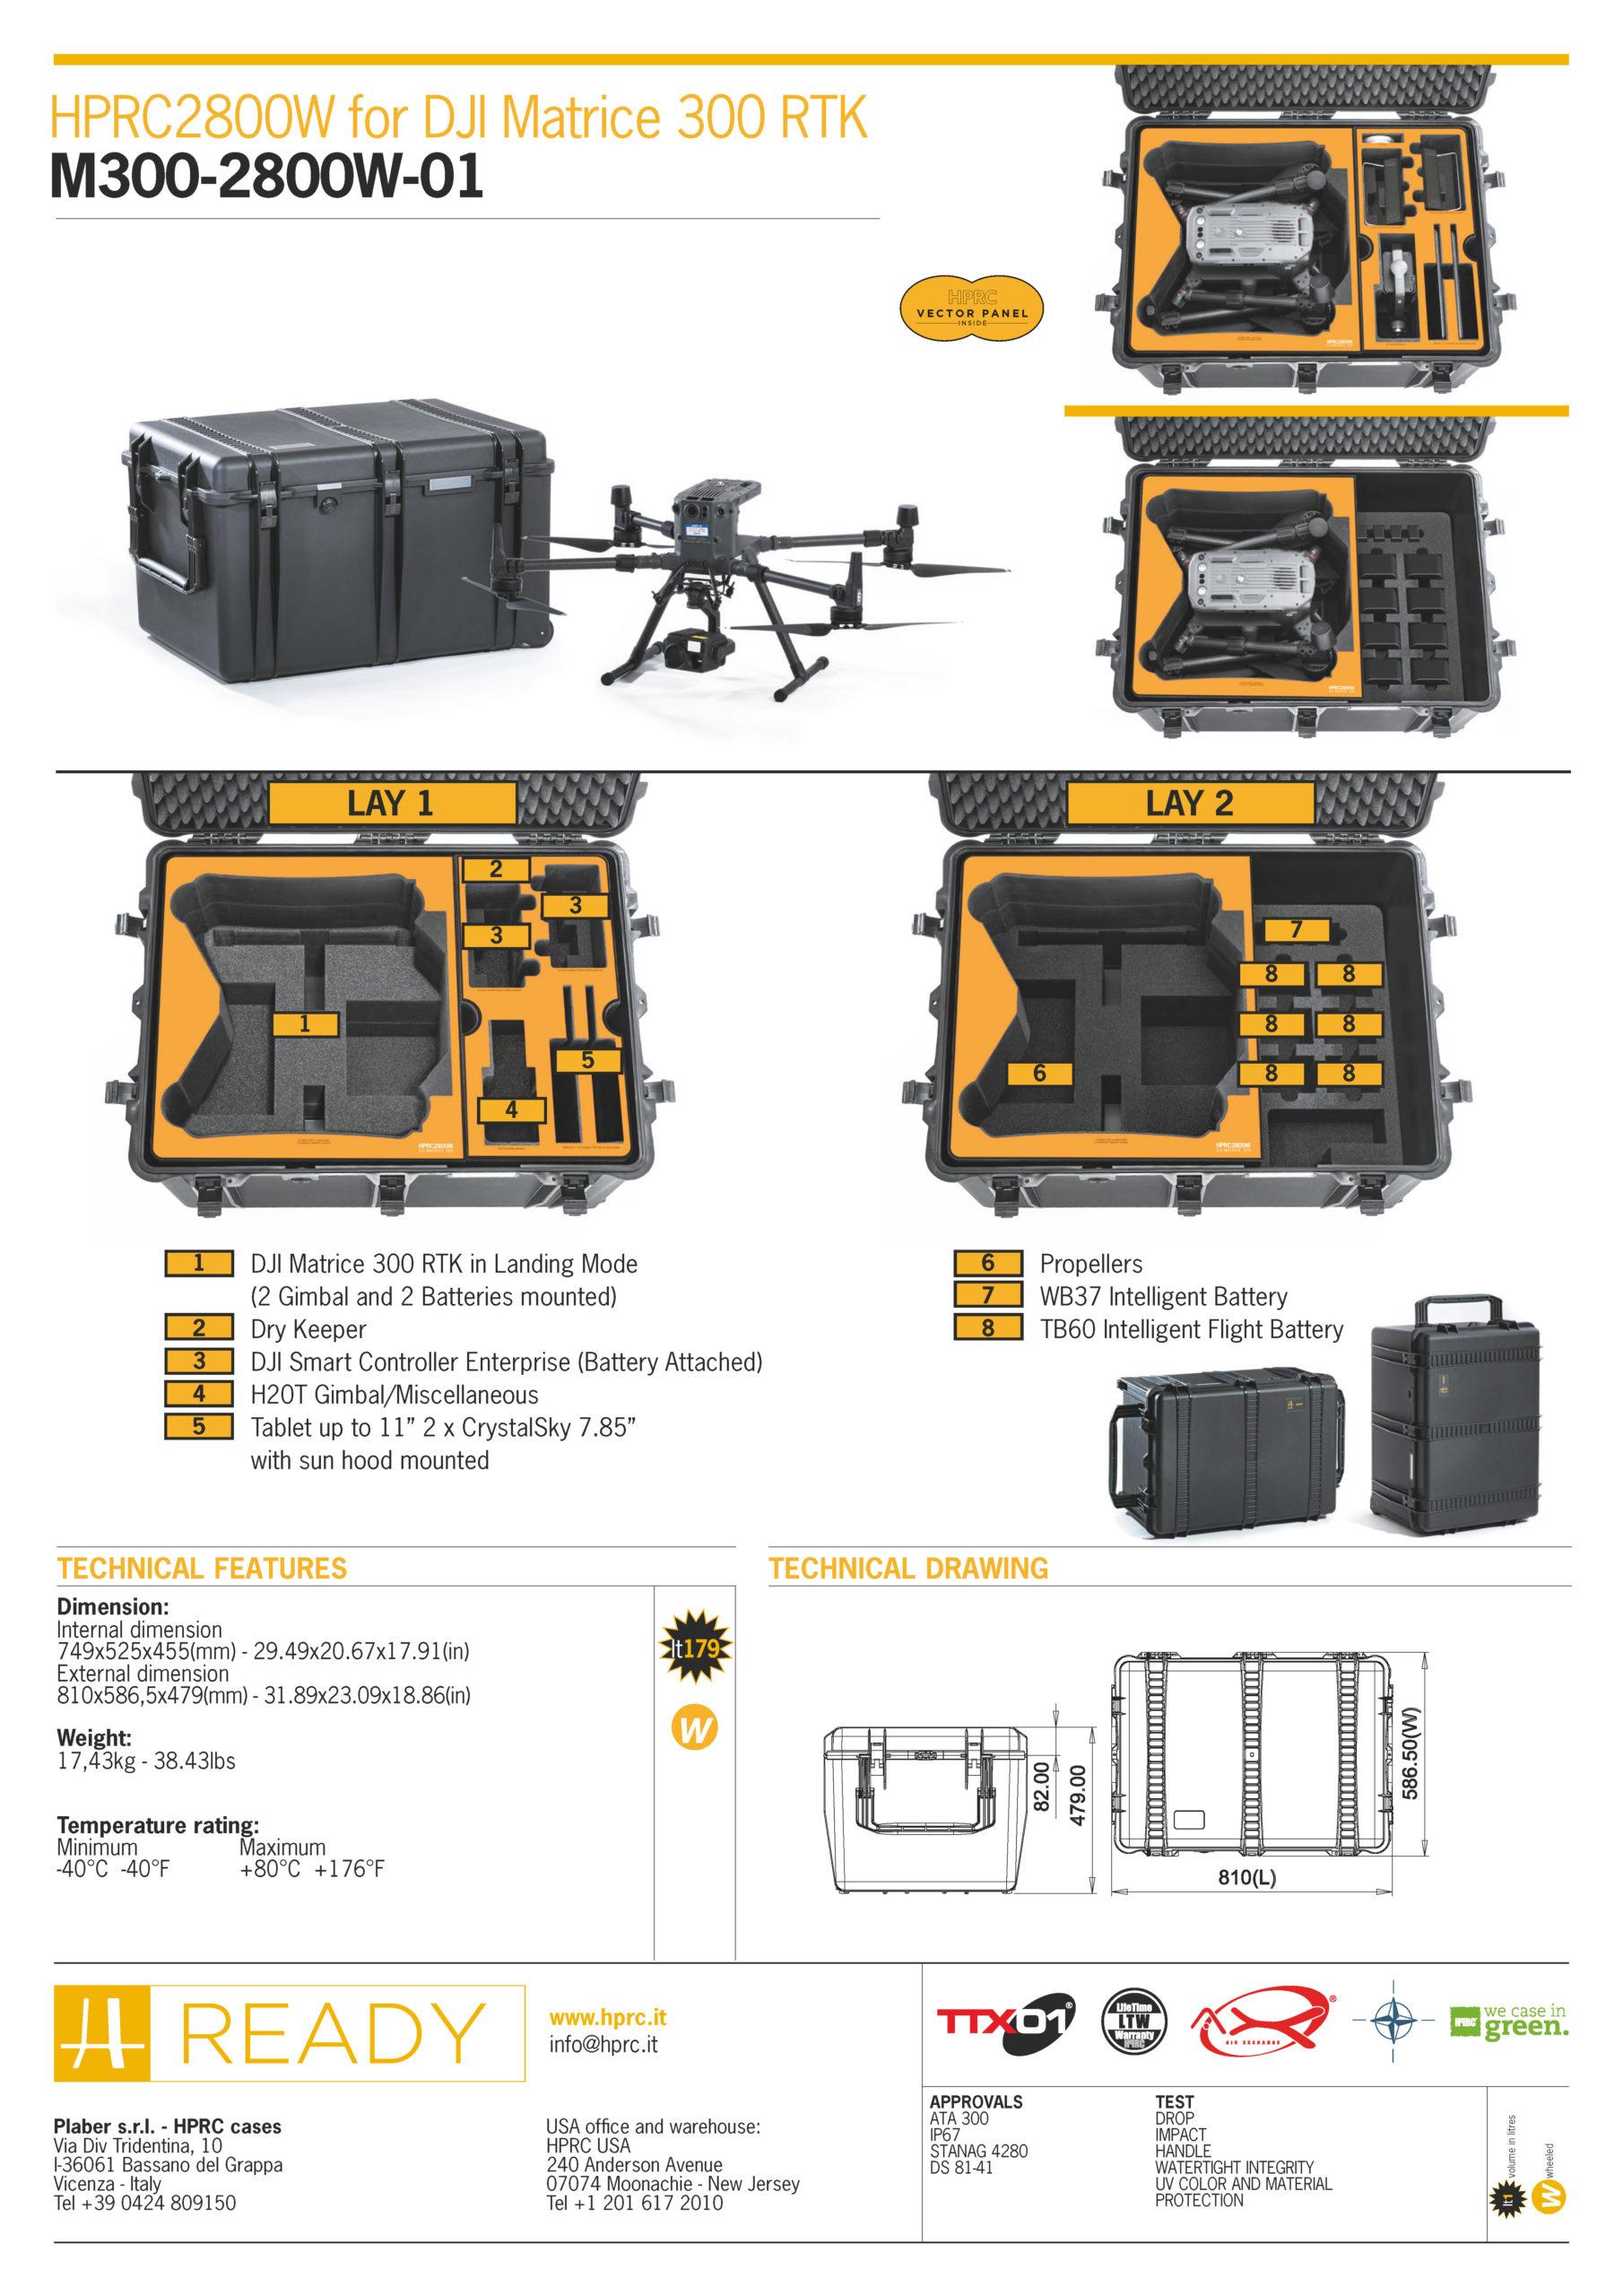 HPRC M300